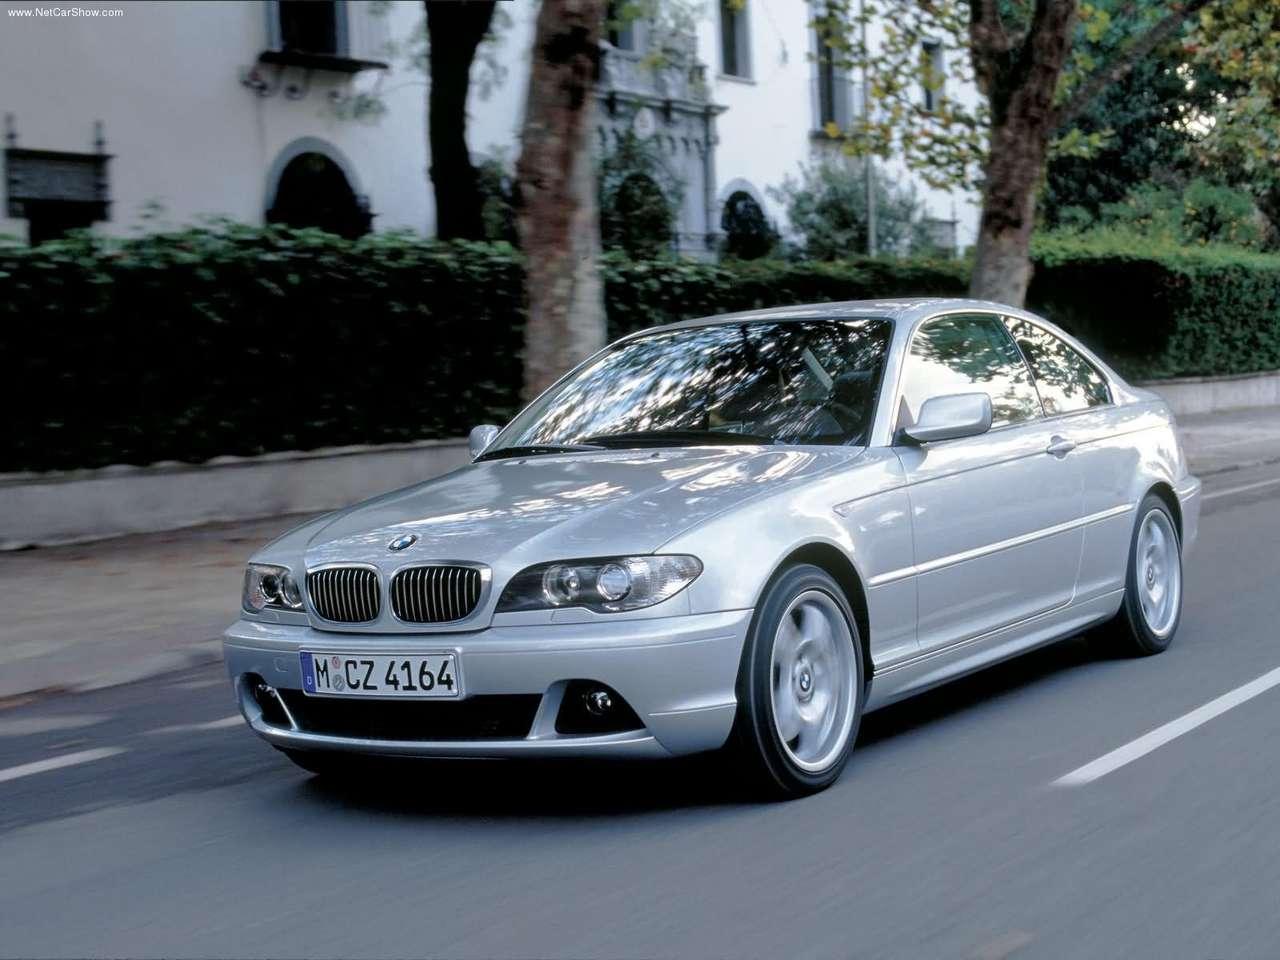 http://1.bp.blogspot.com/_vPMjJG-enrk/TAttv2EQnXI/AAAAAAAAC0M/lVKZFoKn6e0/s1600/BMW-330Cd_Coupe_2004_1280x960_wallpaper_04.jpg